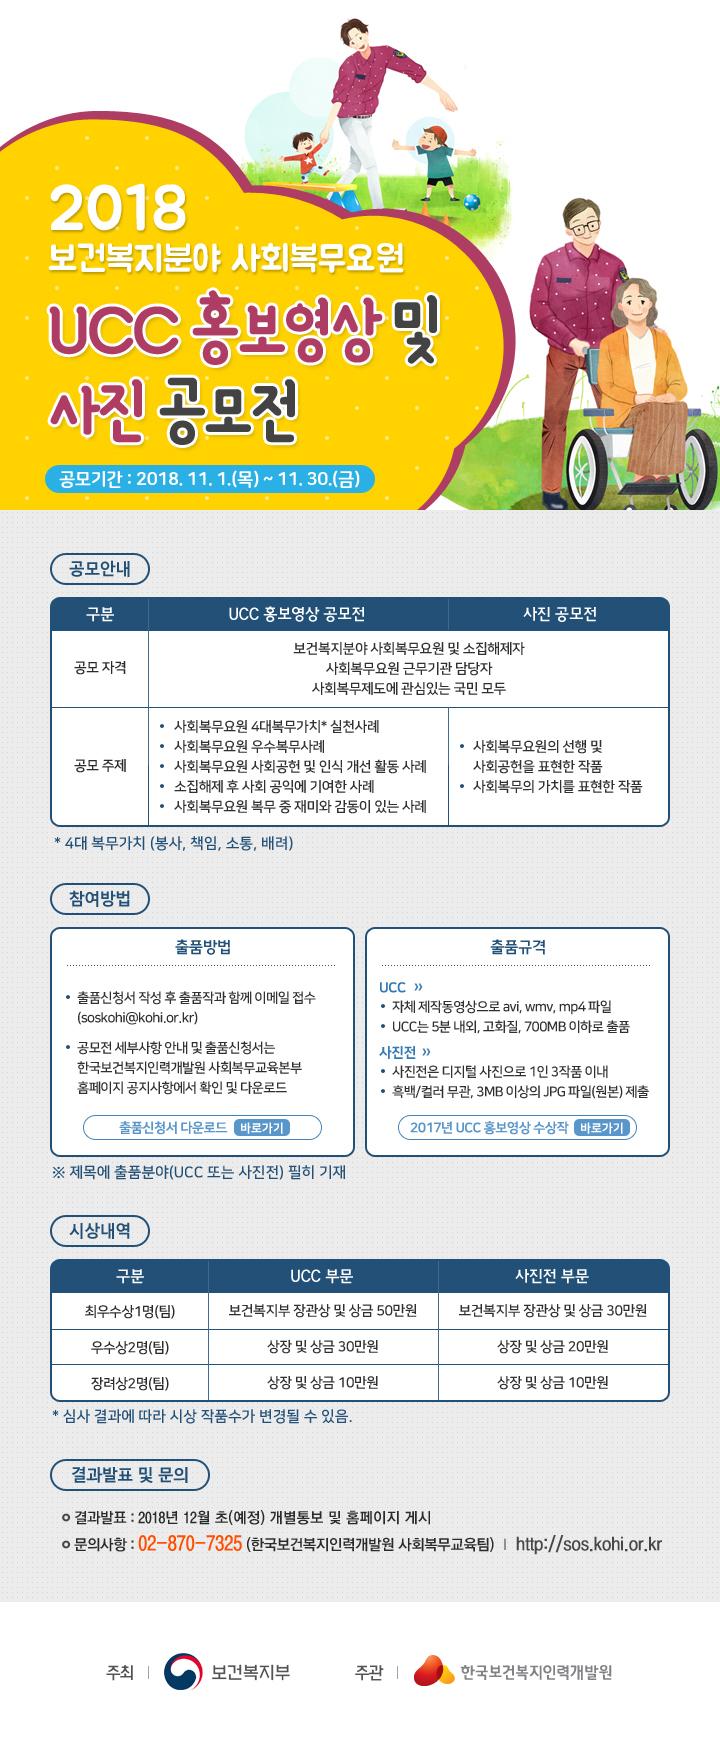 2018년 보건복지분야 사회복무요원 UCC홍보영상 및 사진 공모전